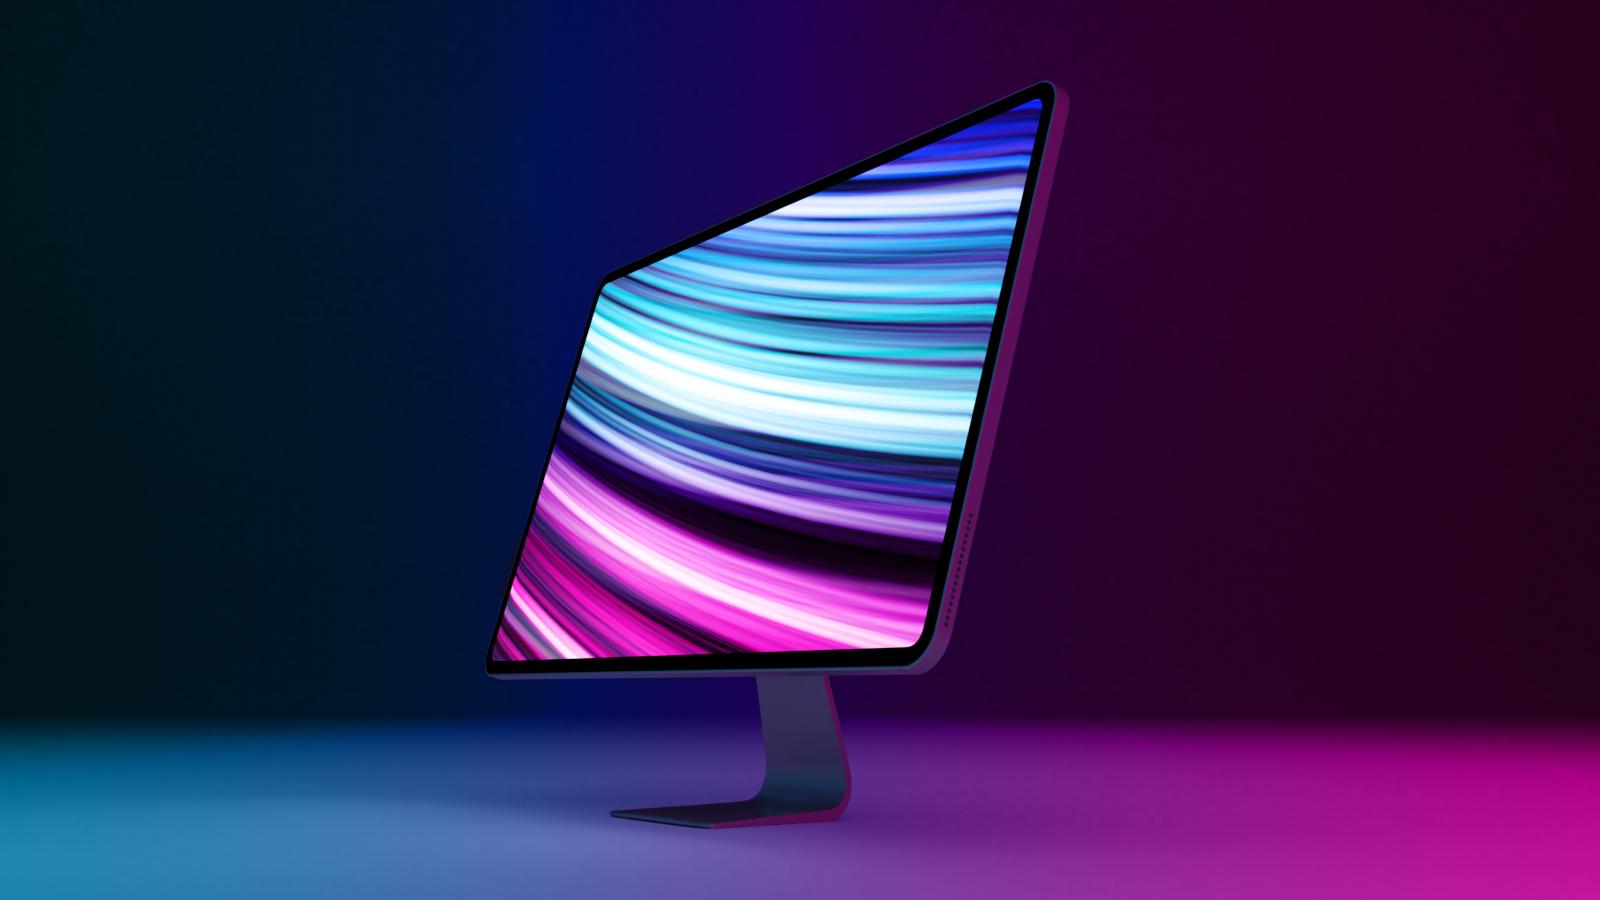 """iMac đầu tiên dùng chip Apple Silicon """"A14T"""" sẽ được ra mắt vào đầu năm 2021"""